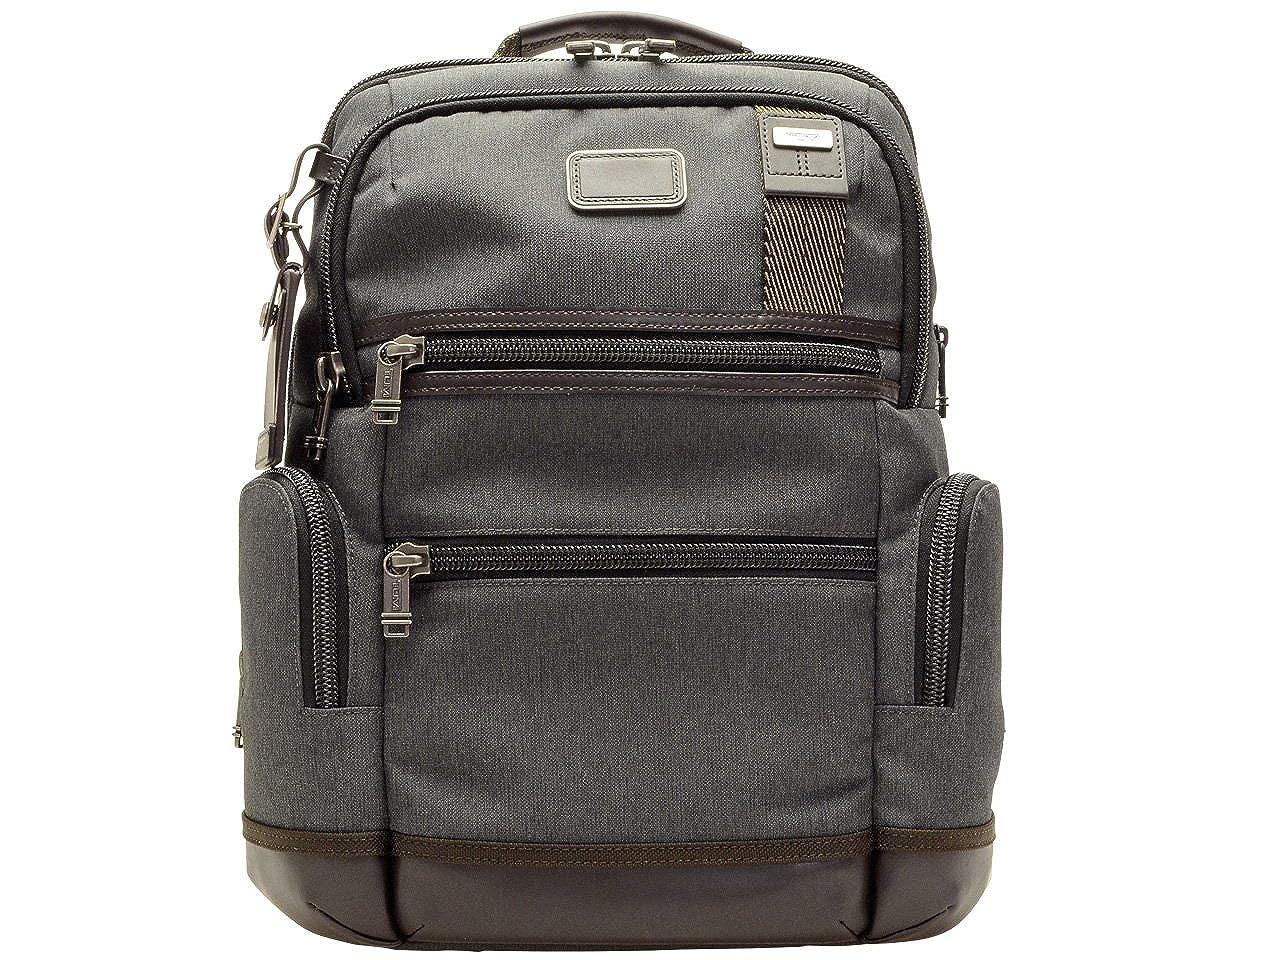 (トゥミ) TUMI バッグ バックパック リュックサック メンズ ALPHA BRAVO 222681 ブランド [並行輸入品] B01N2XLO3Nアンスラサイト